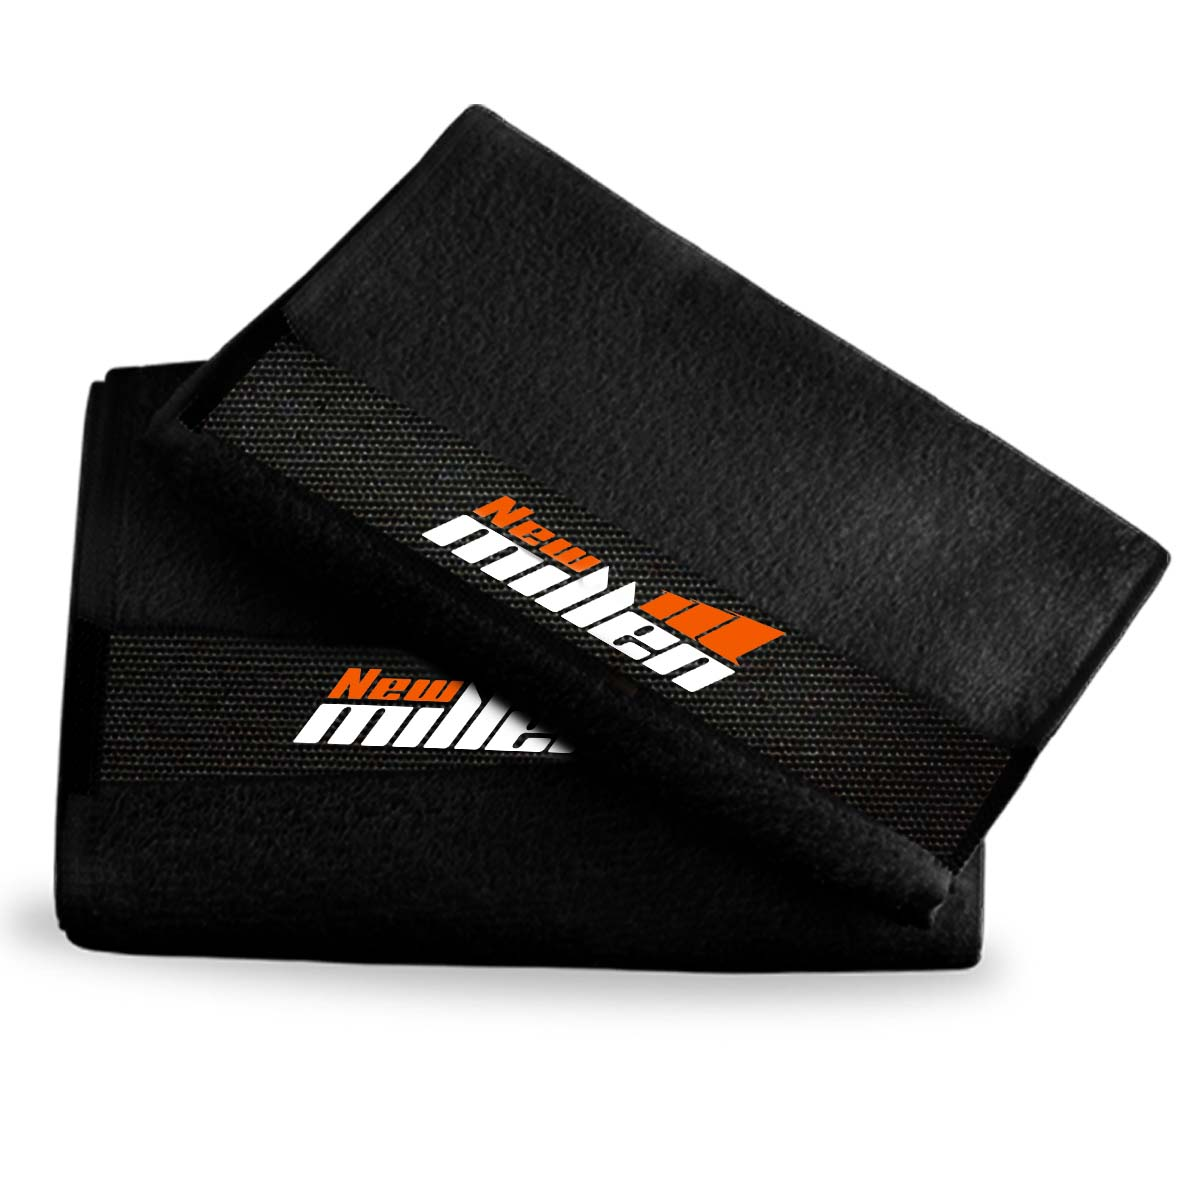 Toalha Fitness Esportiva Algodão -  New Millen